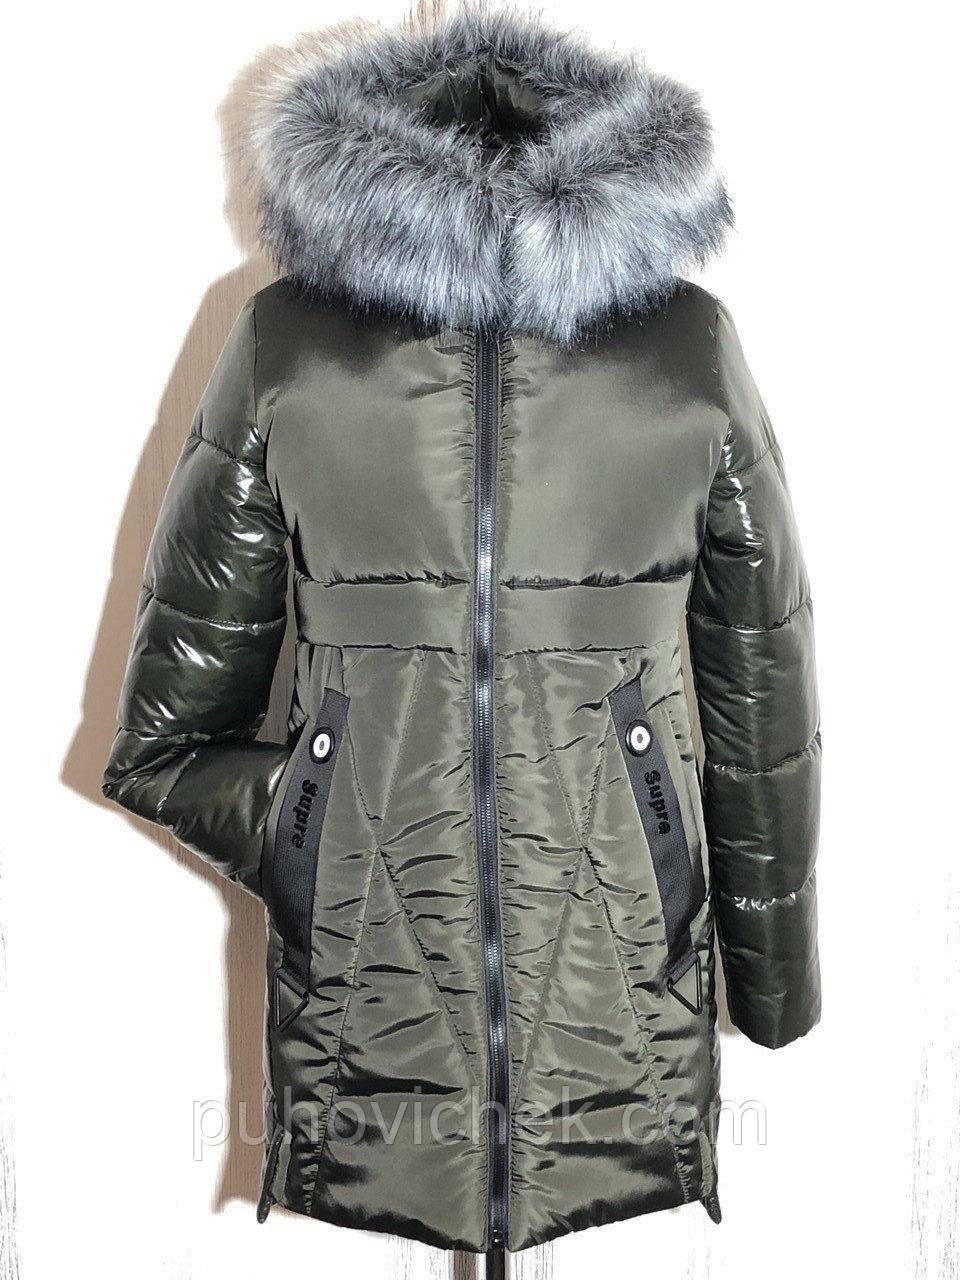 Молодіжні жіночі зимові куртки з хутром на капюшоні